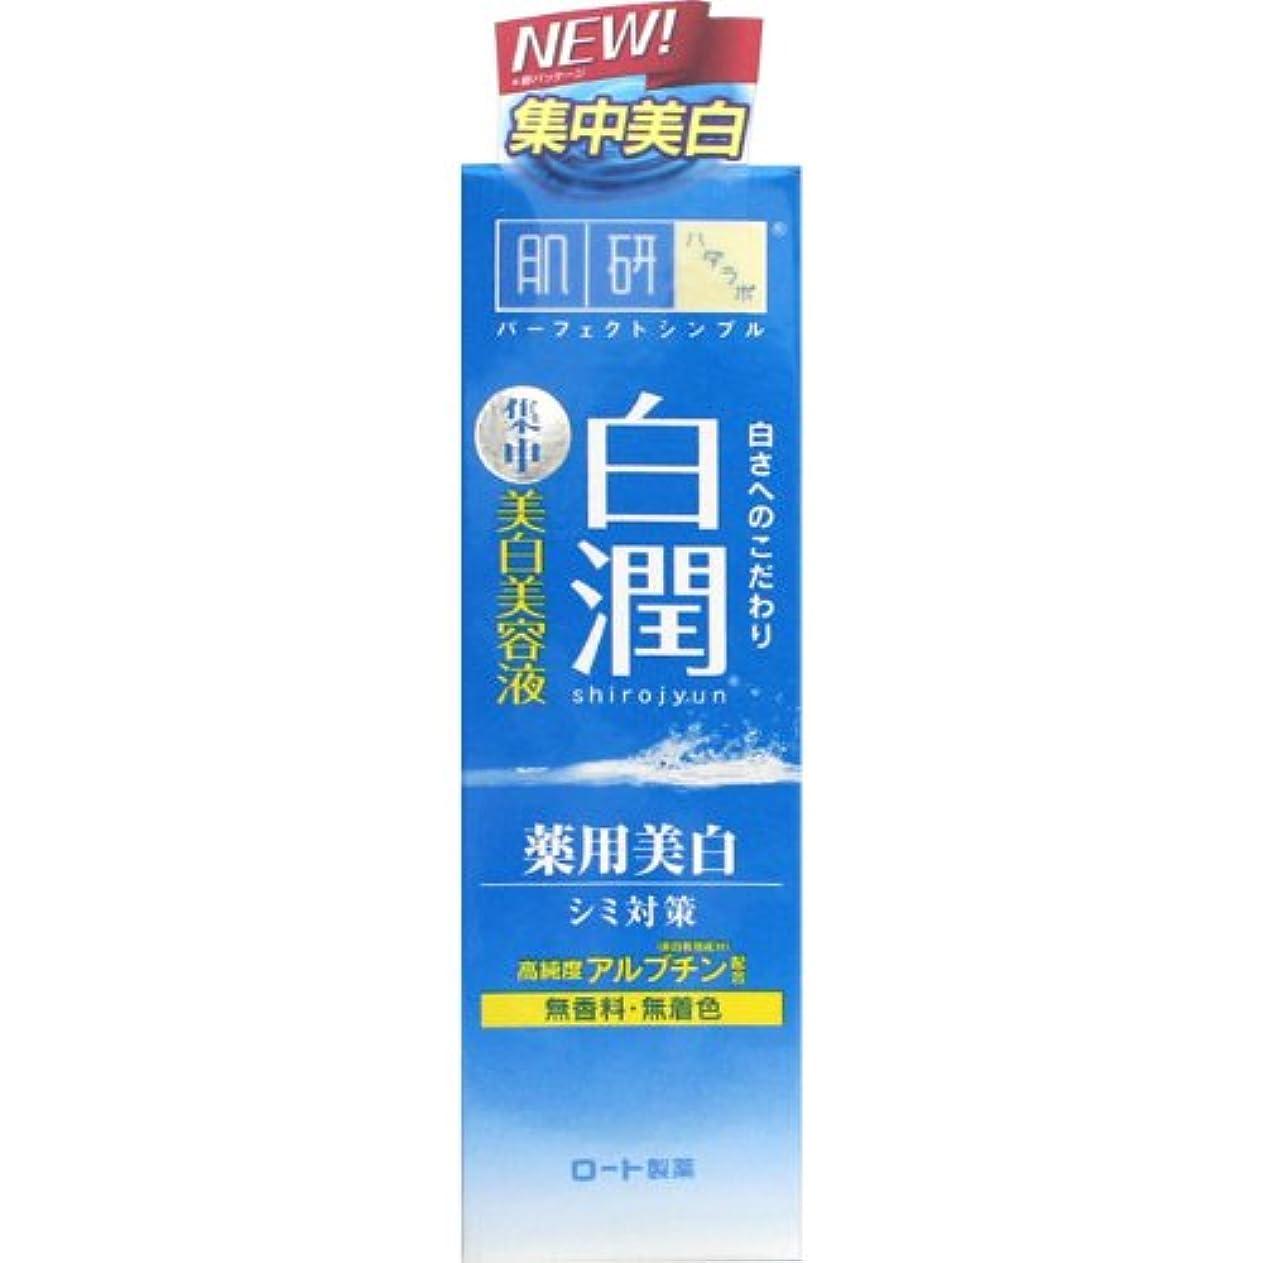 発掘なぜならキッチン【医薬部外品】肌研(ハダラボ) 白潤 薬用美白美容液 30g